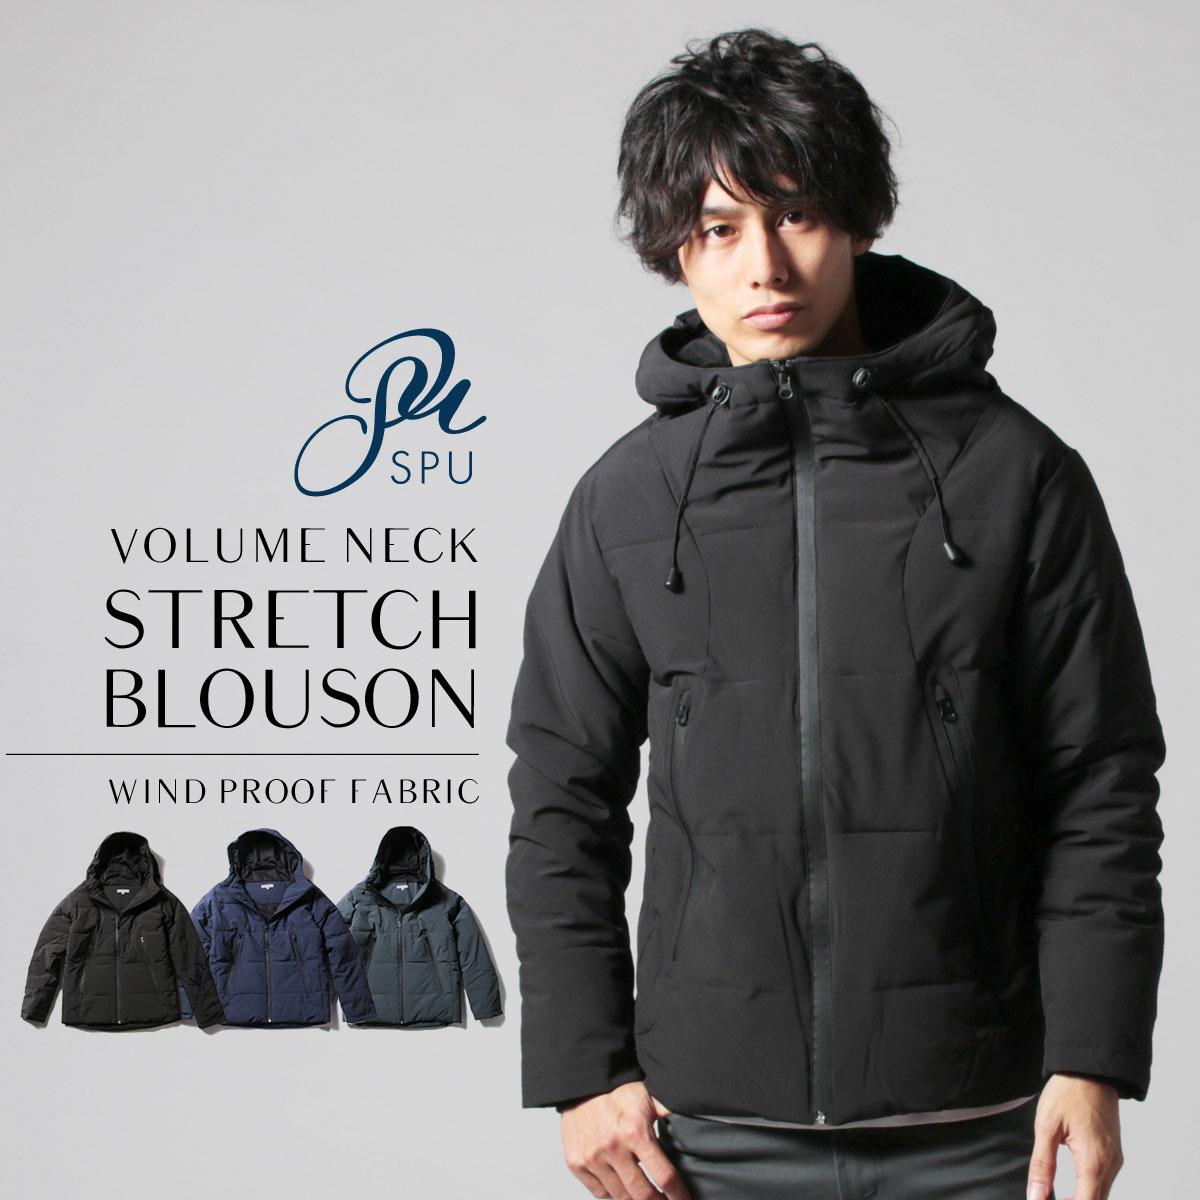 メンズ アウター メンズファッション 冬 防風 ストレッチ ファブリック 止水 ジップ 中綿 ボリュームネック ブルゾン ZIP SPU スプ